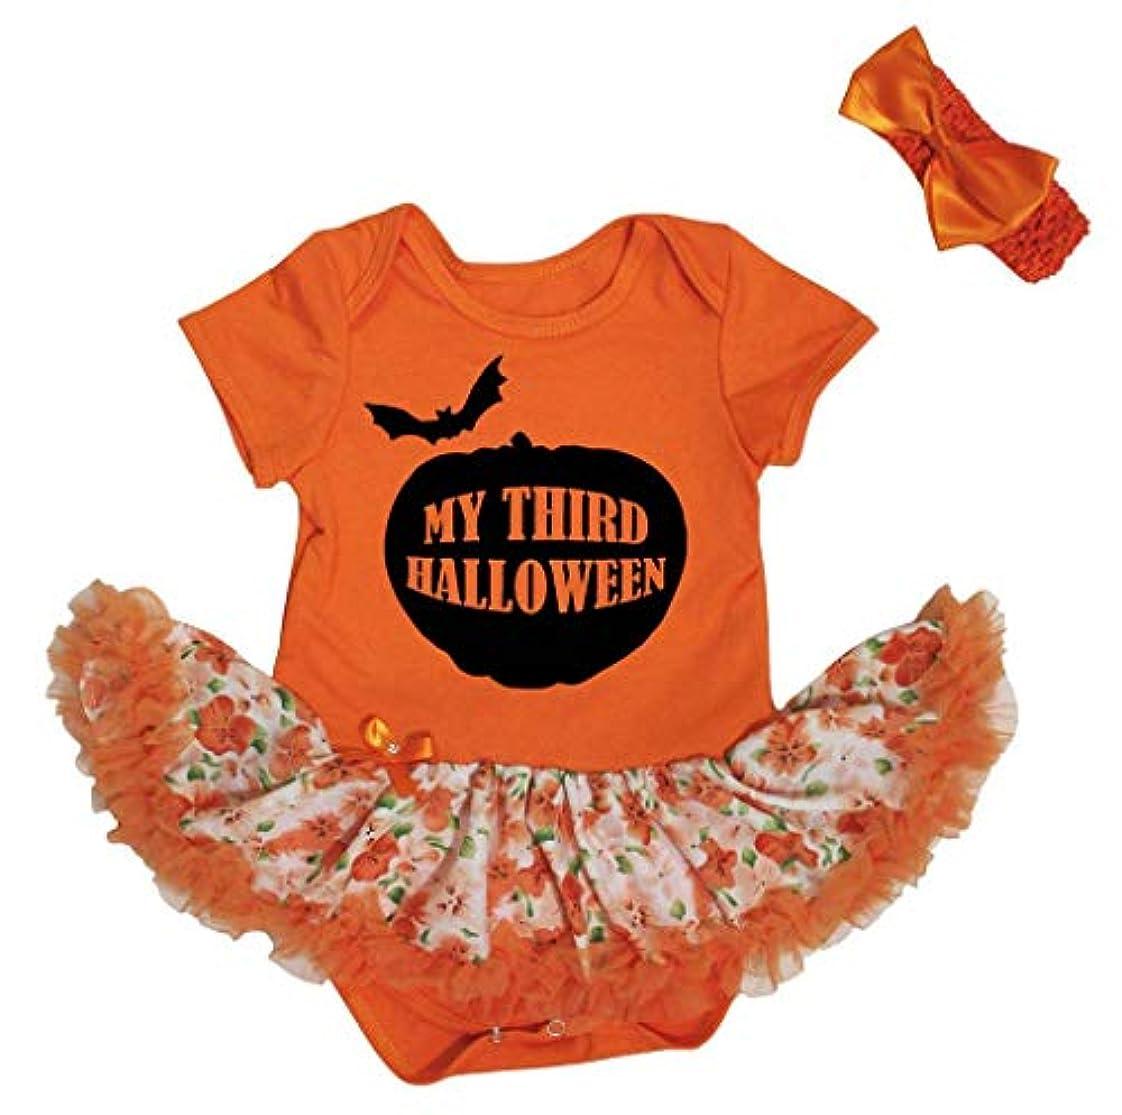 パラシュート環境プロフェッショナル[キッズコーナー] ハロウィン My Third Halloween パンプキン オレンジ ボディスーツ ドレス ベビー服 子供チュチュ Nb-18m (オレンジ, Medium) [並行輸入品]